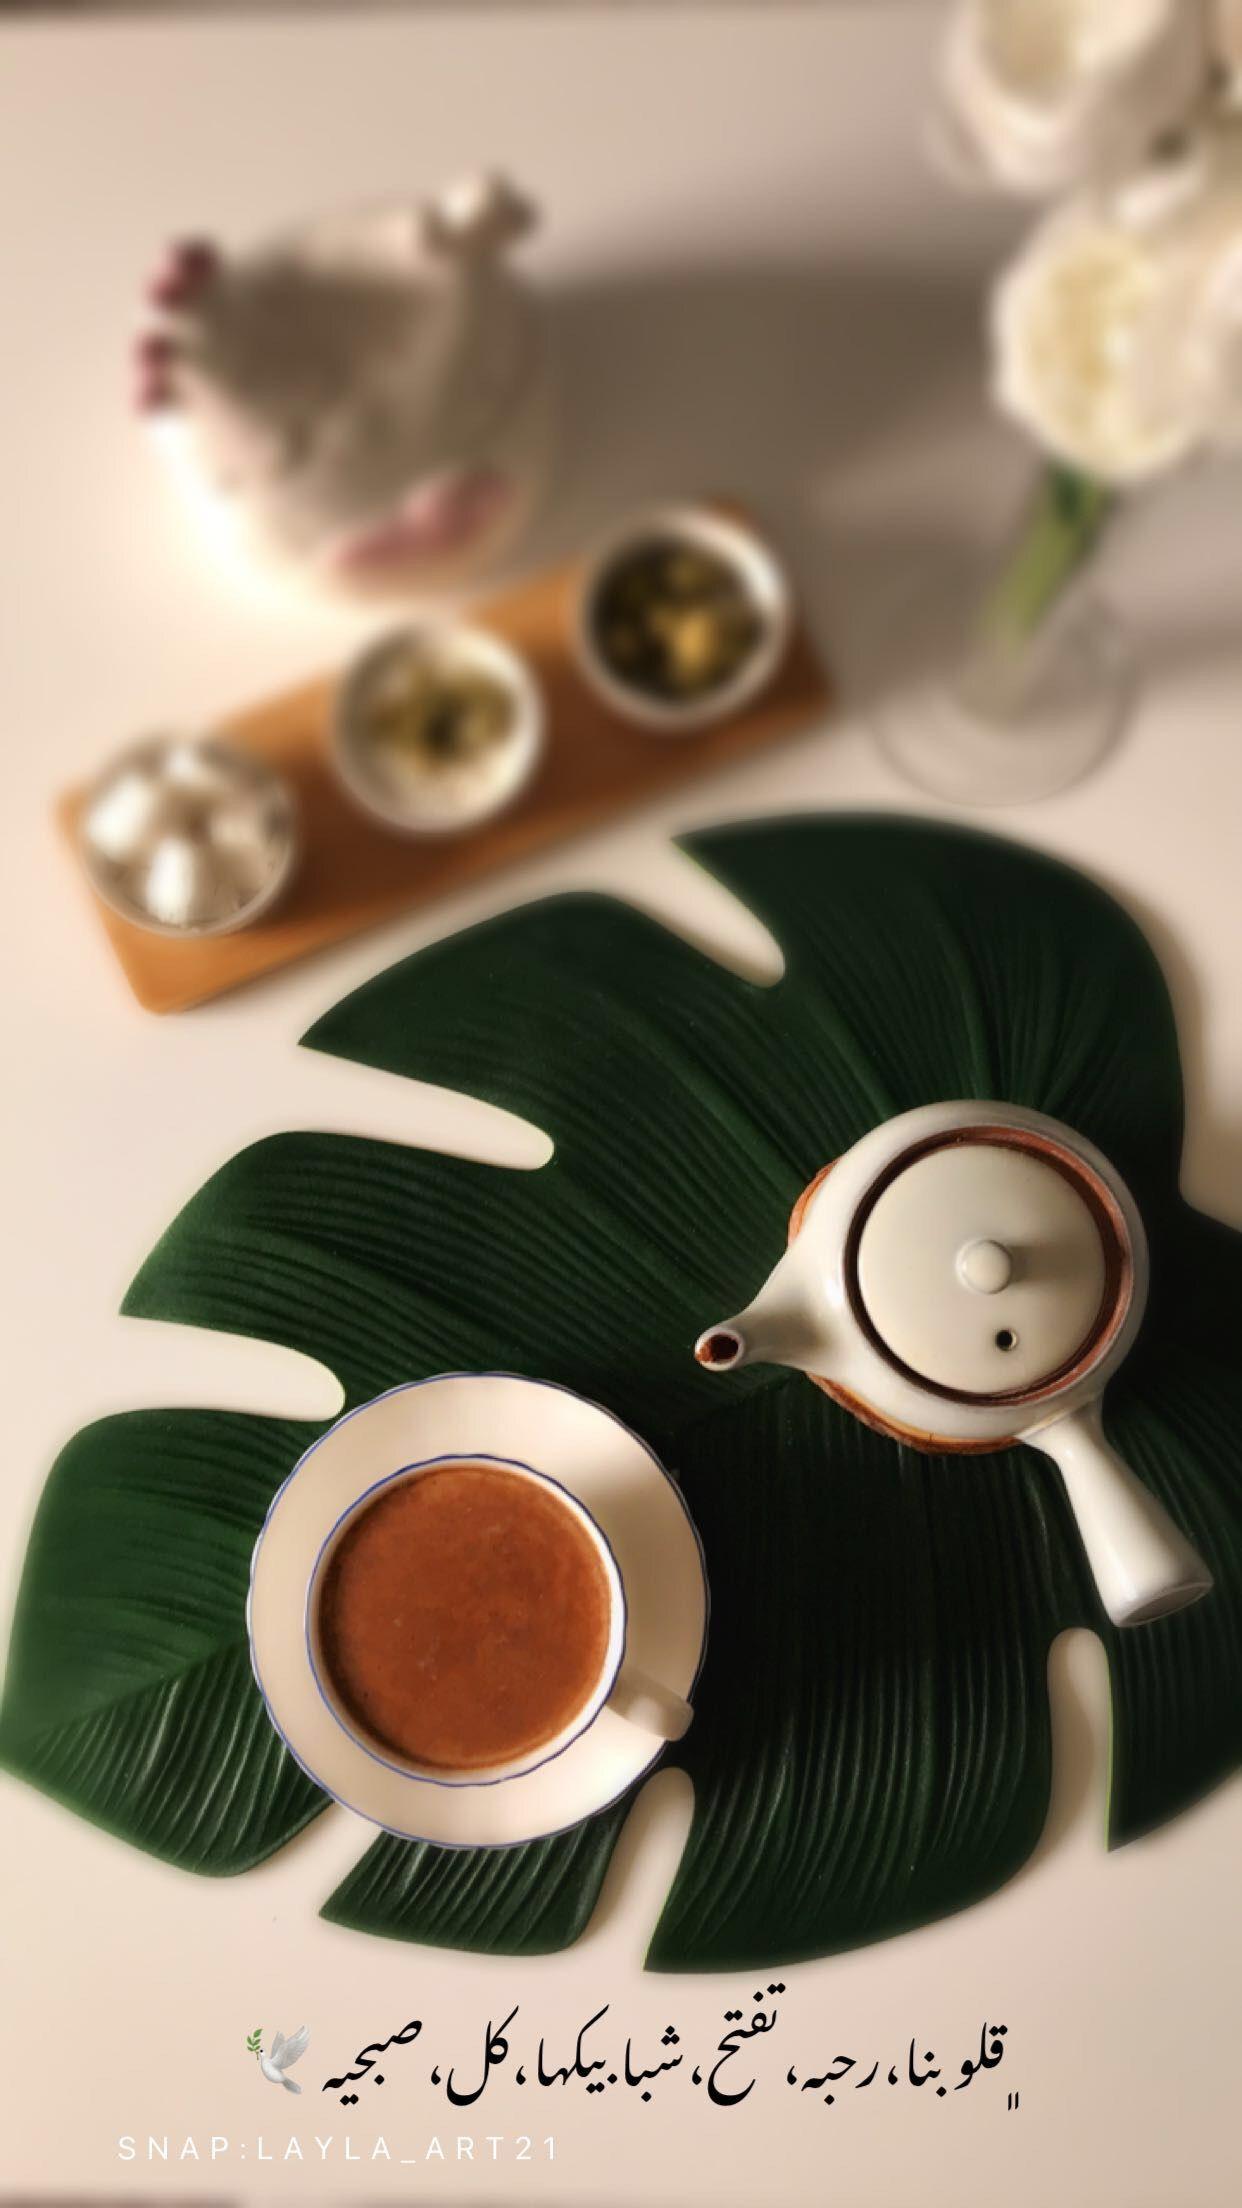 تصويري تصوير روقان سنابيات سناب صباح صباحيات صباح الخير فطور Enjoy Coffee Cute Food Art Coffee Room